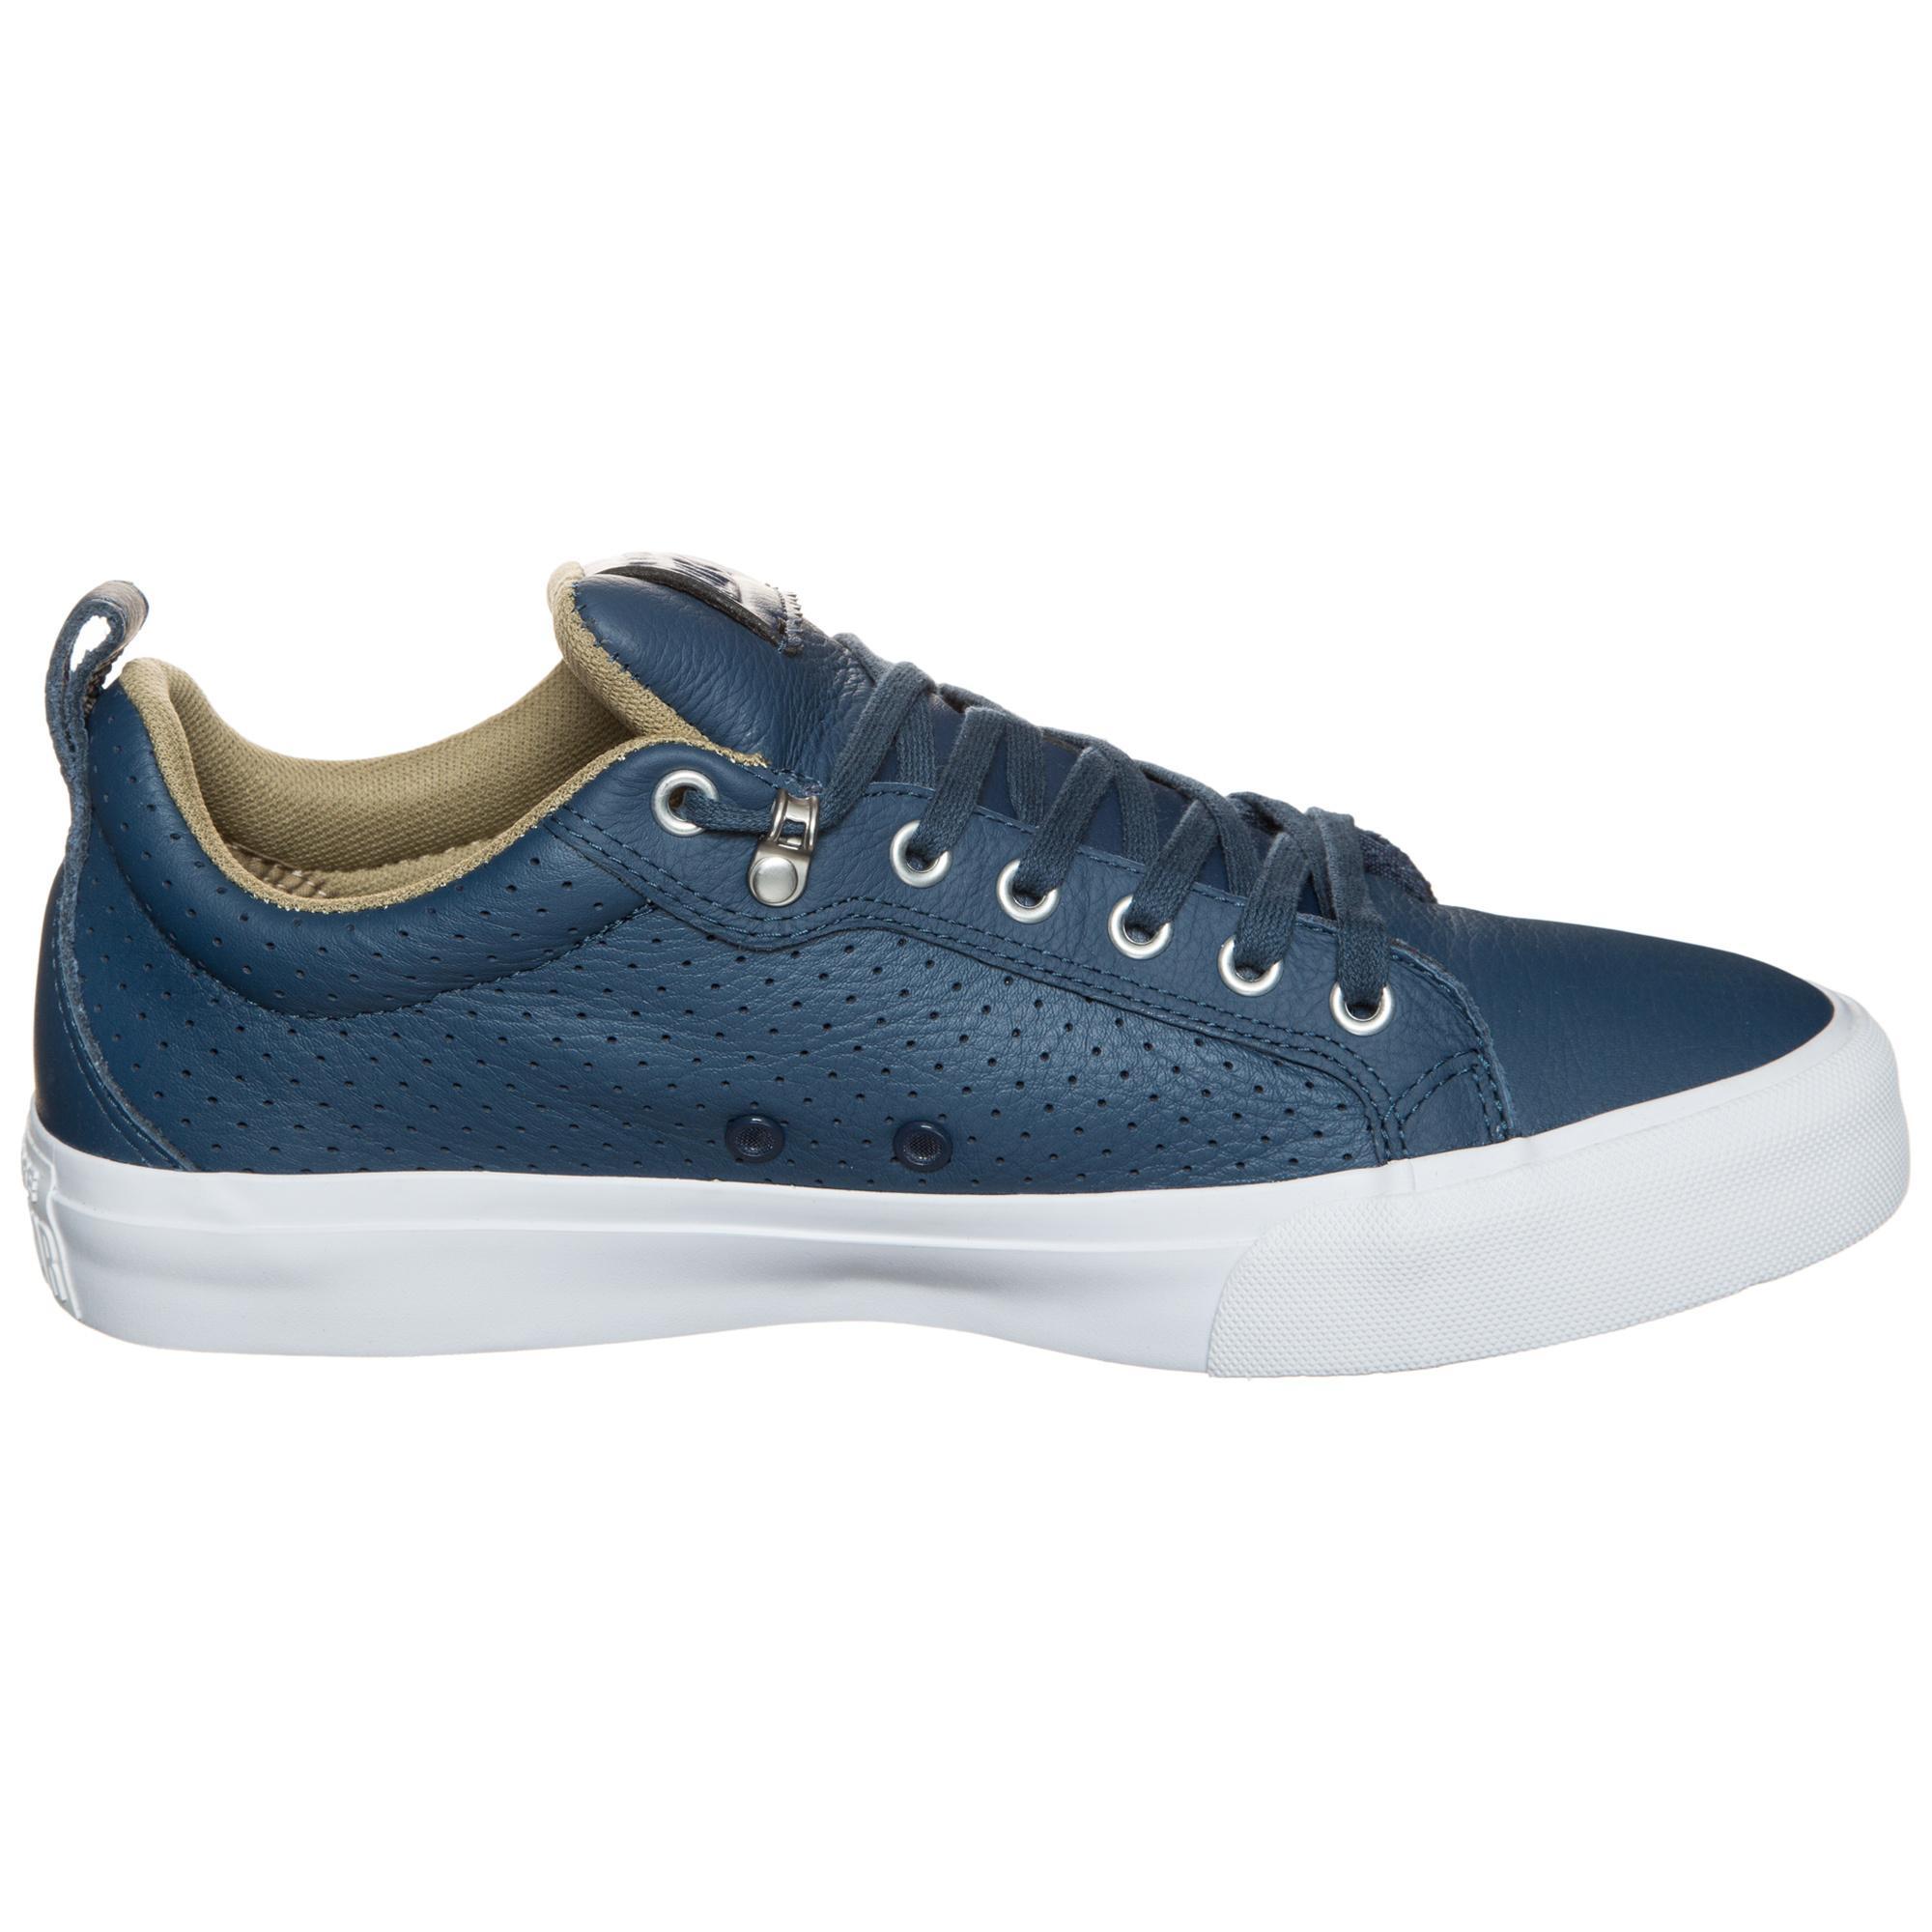 CONVERSE All Star Shop Fulton Turnschuhe dunkelblau / weiß im Online Shop Star von SportScheck kaufen Gute Qualität beliebte Schuhe aeda0f